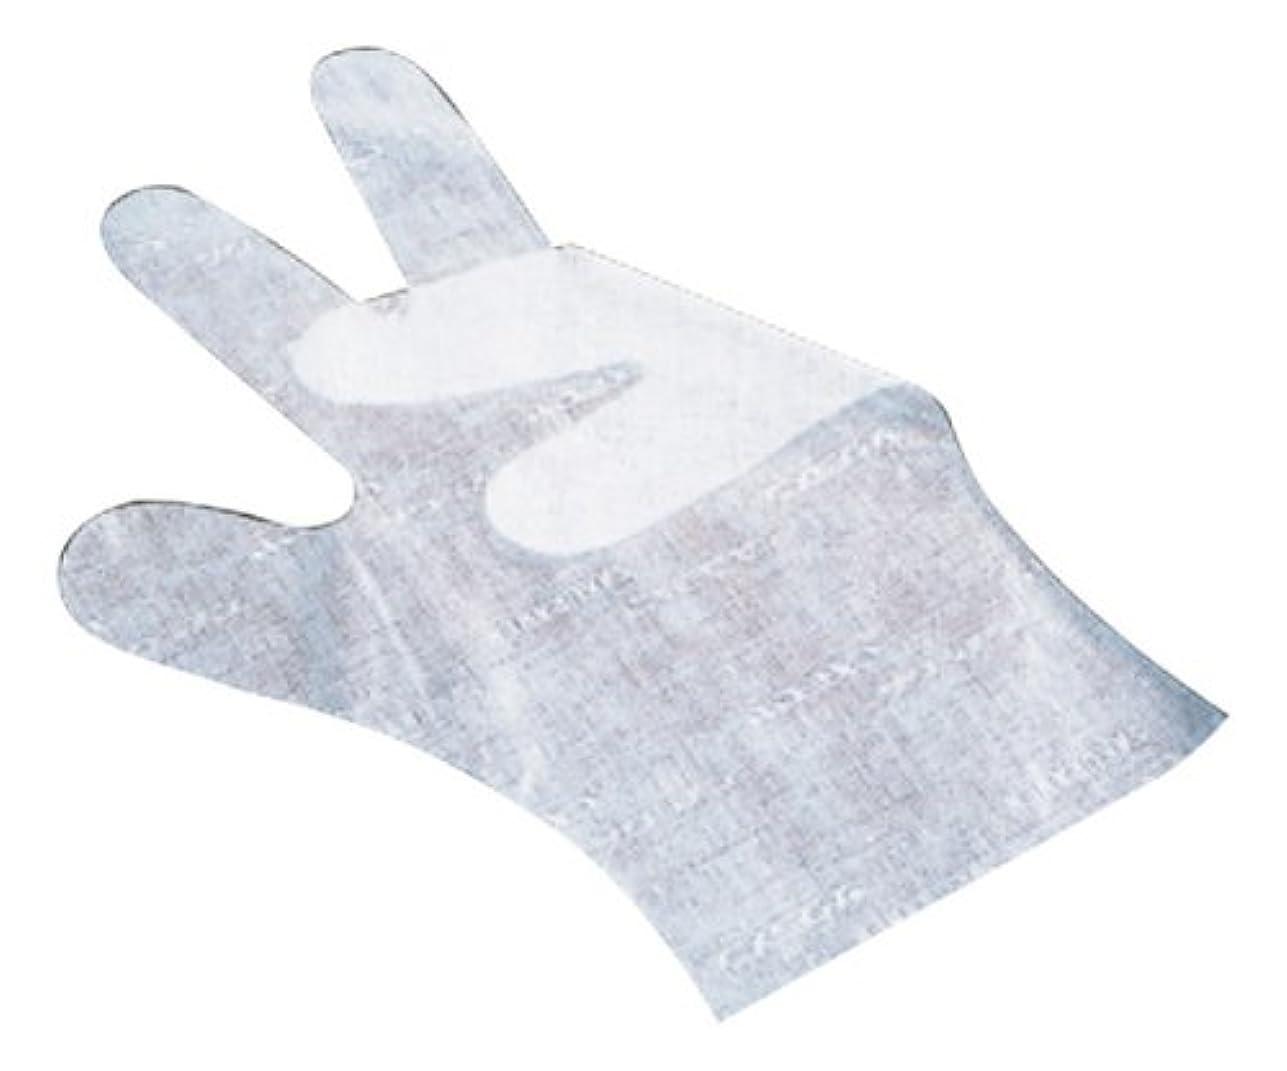 逸話組み合わせ暗いサクラメン手袋 デラックス(100枚入)M ホワイト 35μ